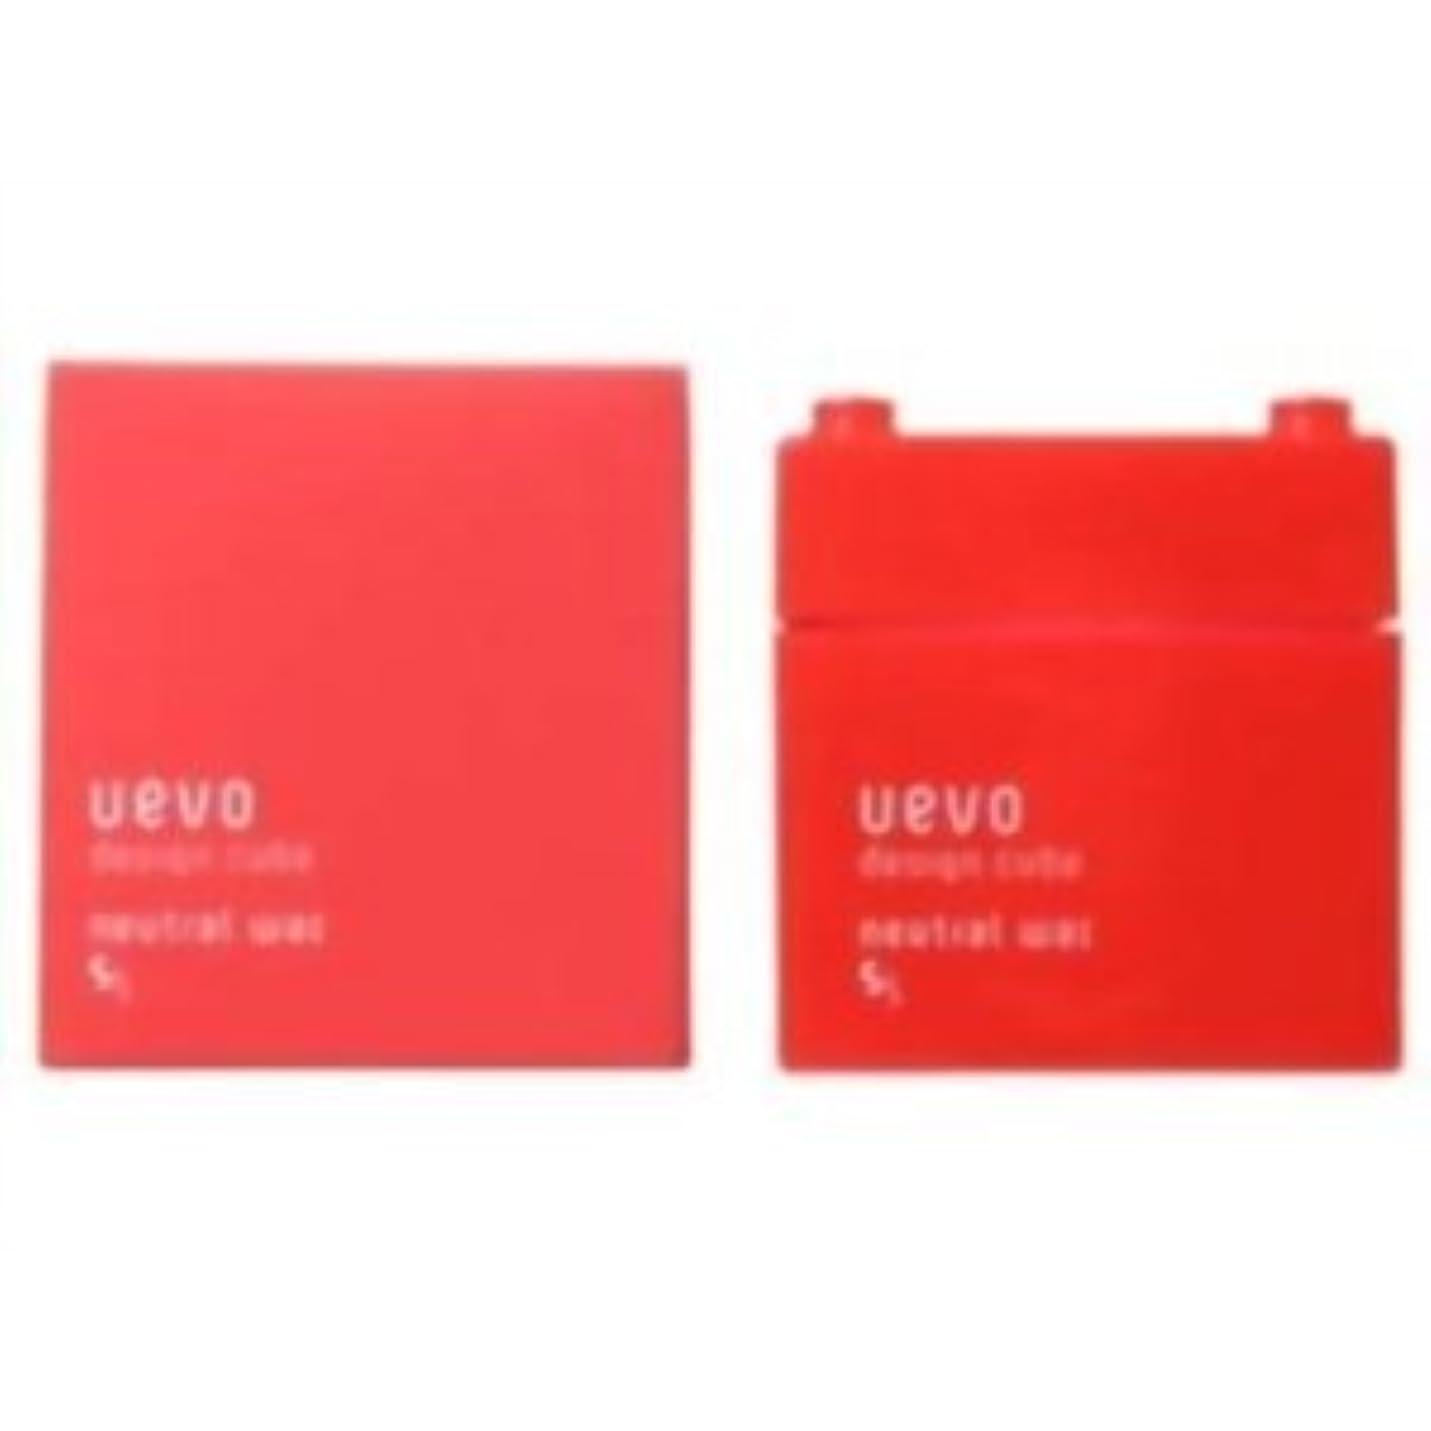 重要恵みアミューズメント【X3個セット】 デミ ウェーボ デザインキューブ ニュートラルワックス 80g neutral wax DEMI uevo design cube